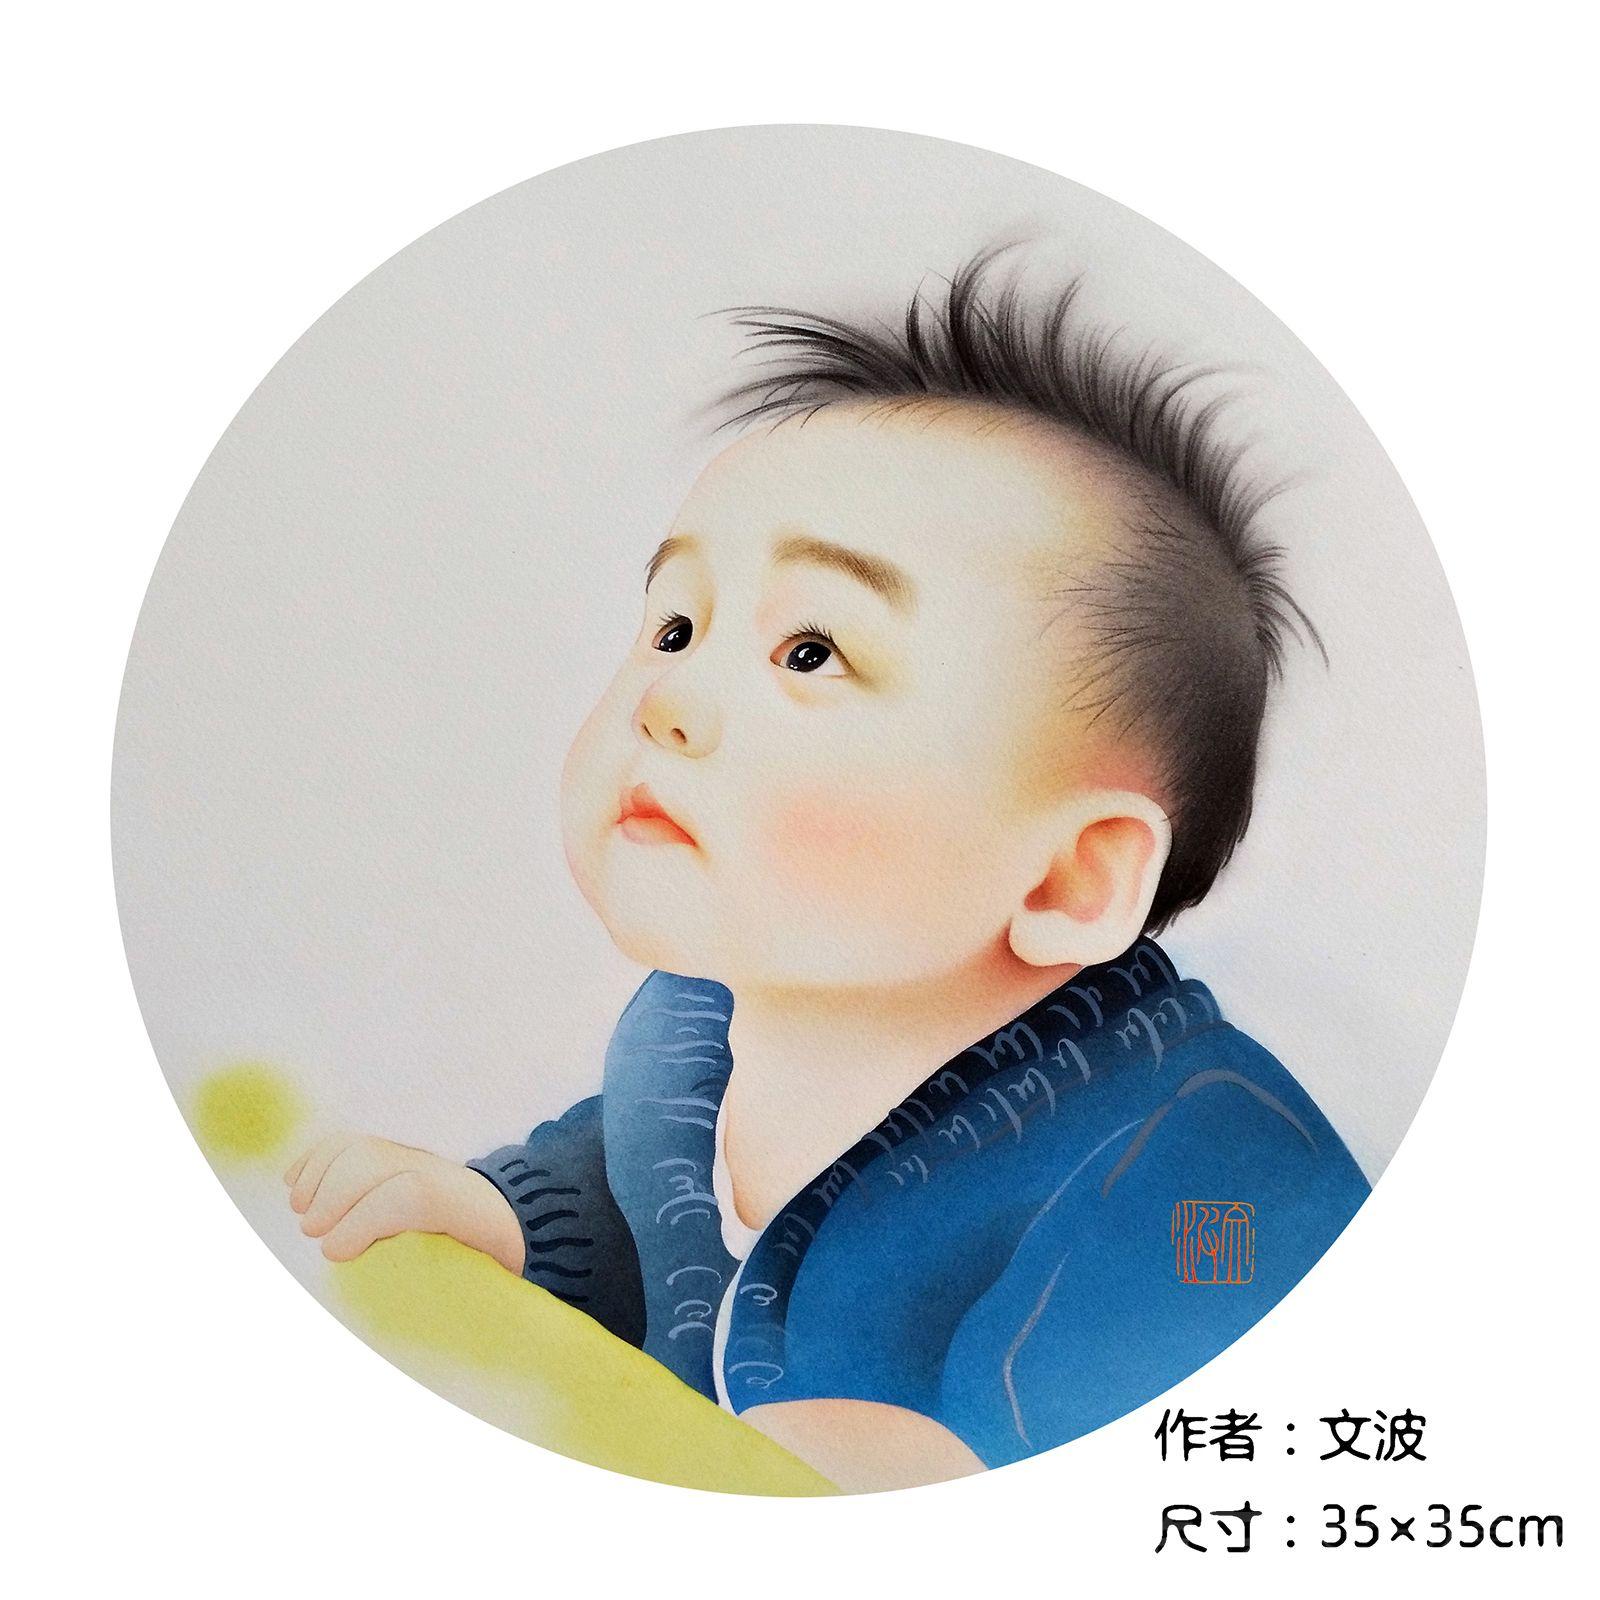 :长沙今日钱柜娱乐官网:【千绘画苑成人美术】水彩、彩铅单人零基础体验课